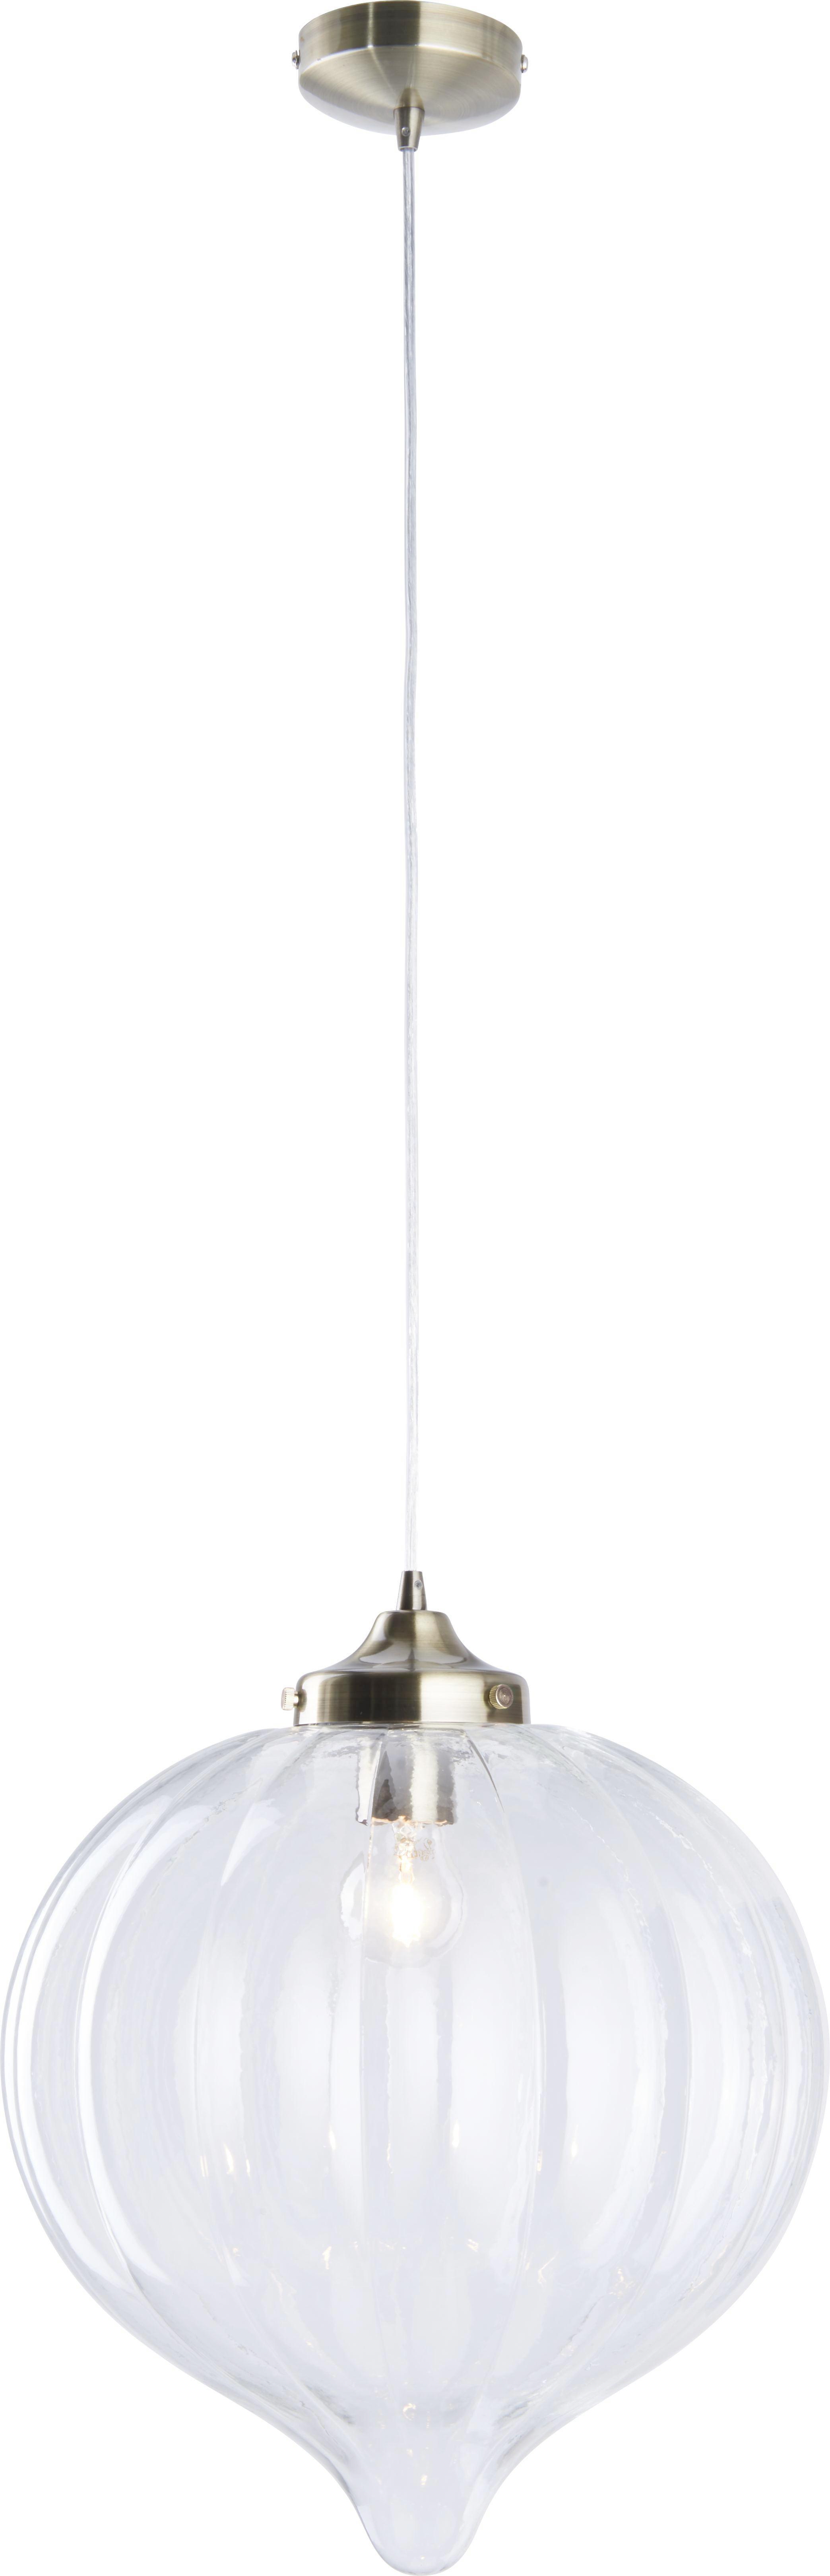 Hängeleuchte Claire - Klar/Messingfarben, MODERN, Glas/Kunststoff (35/10cm) - PREMIUM LIVING